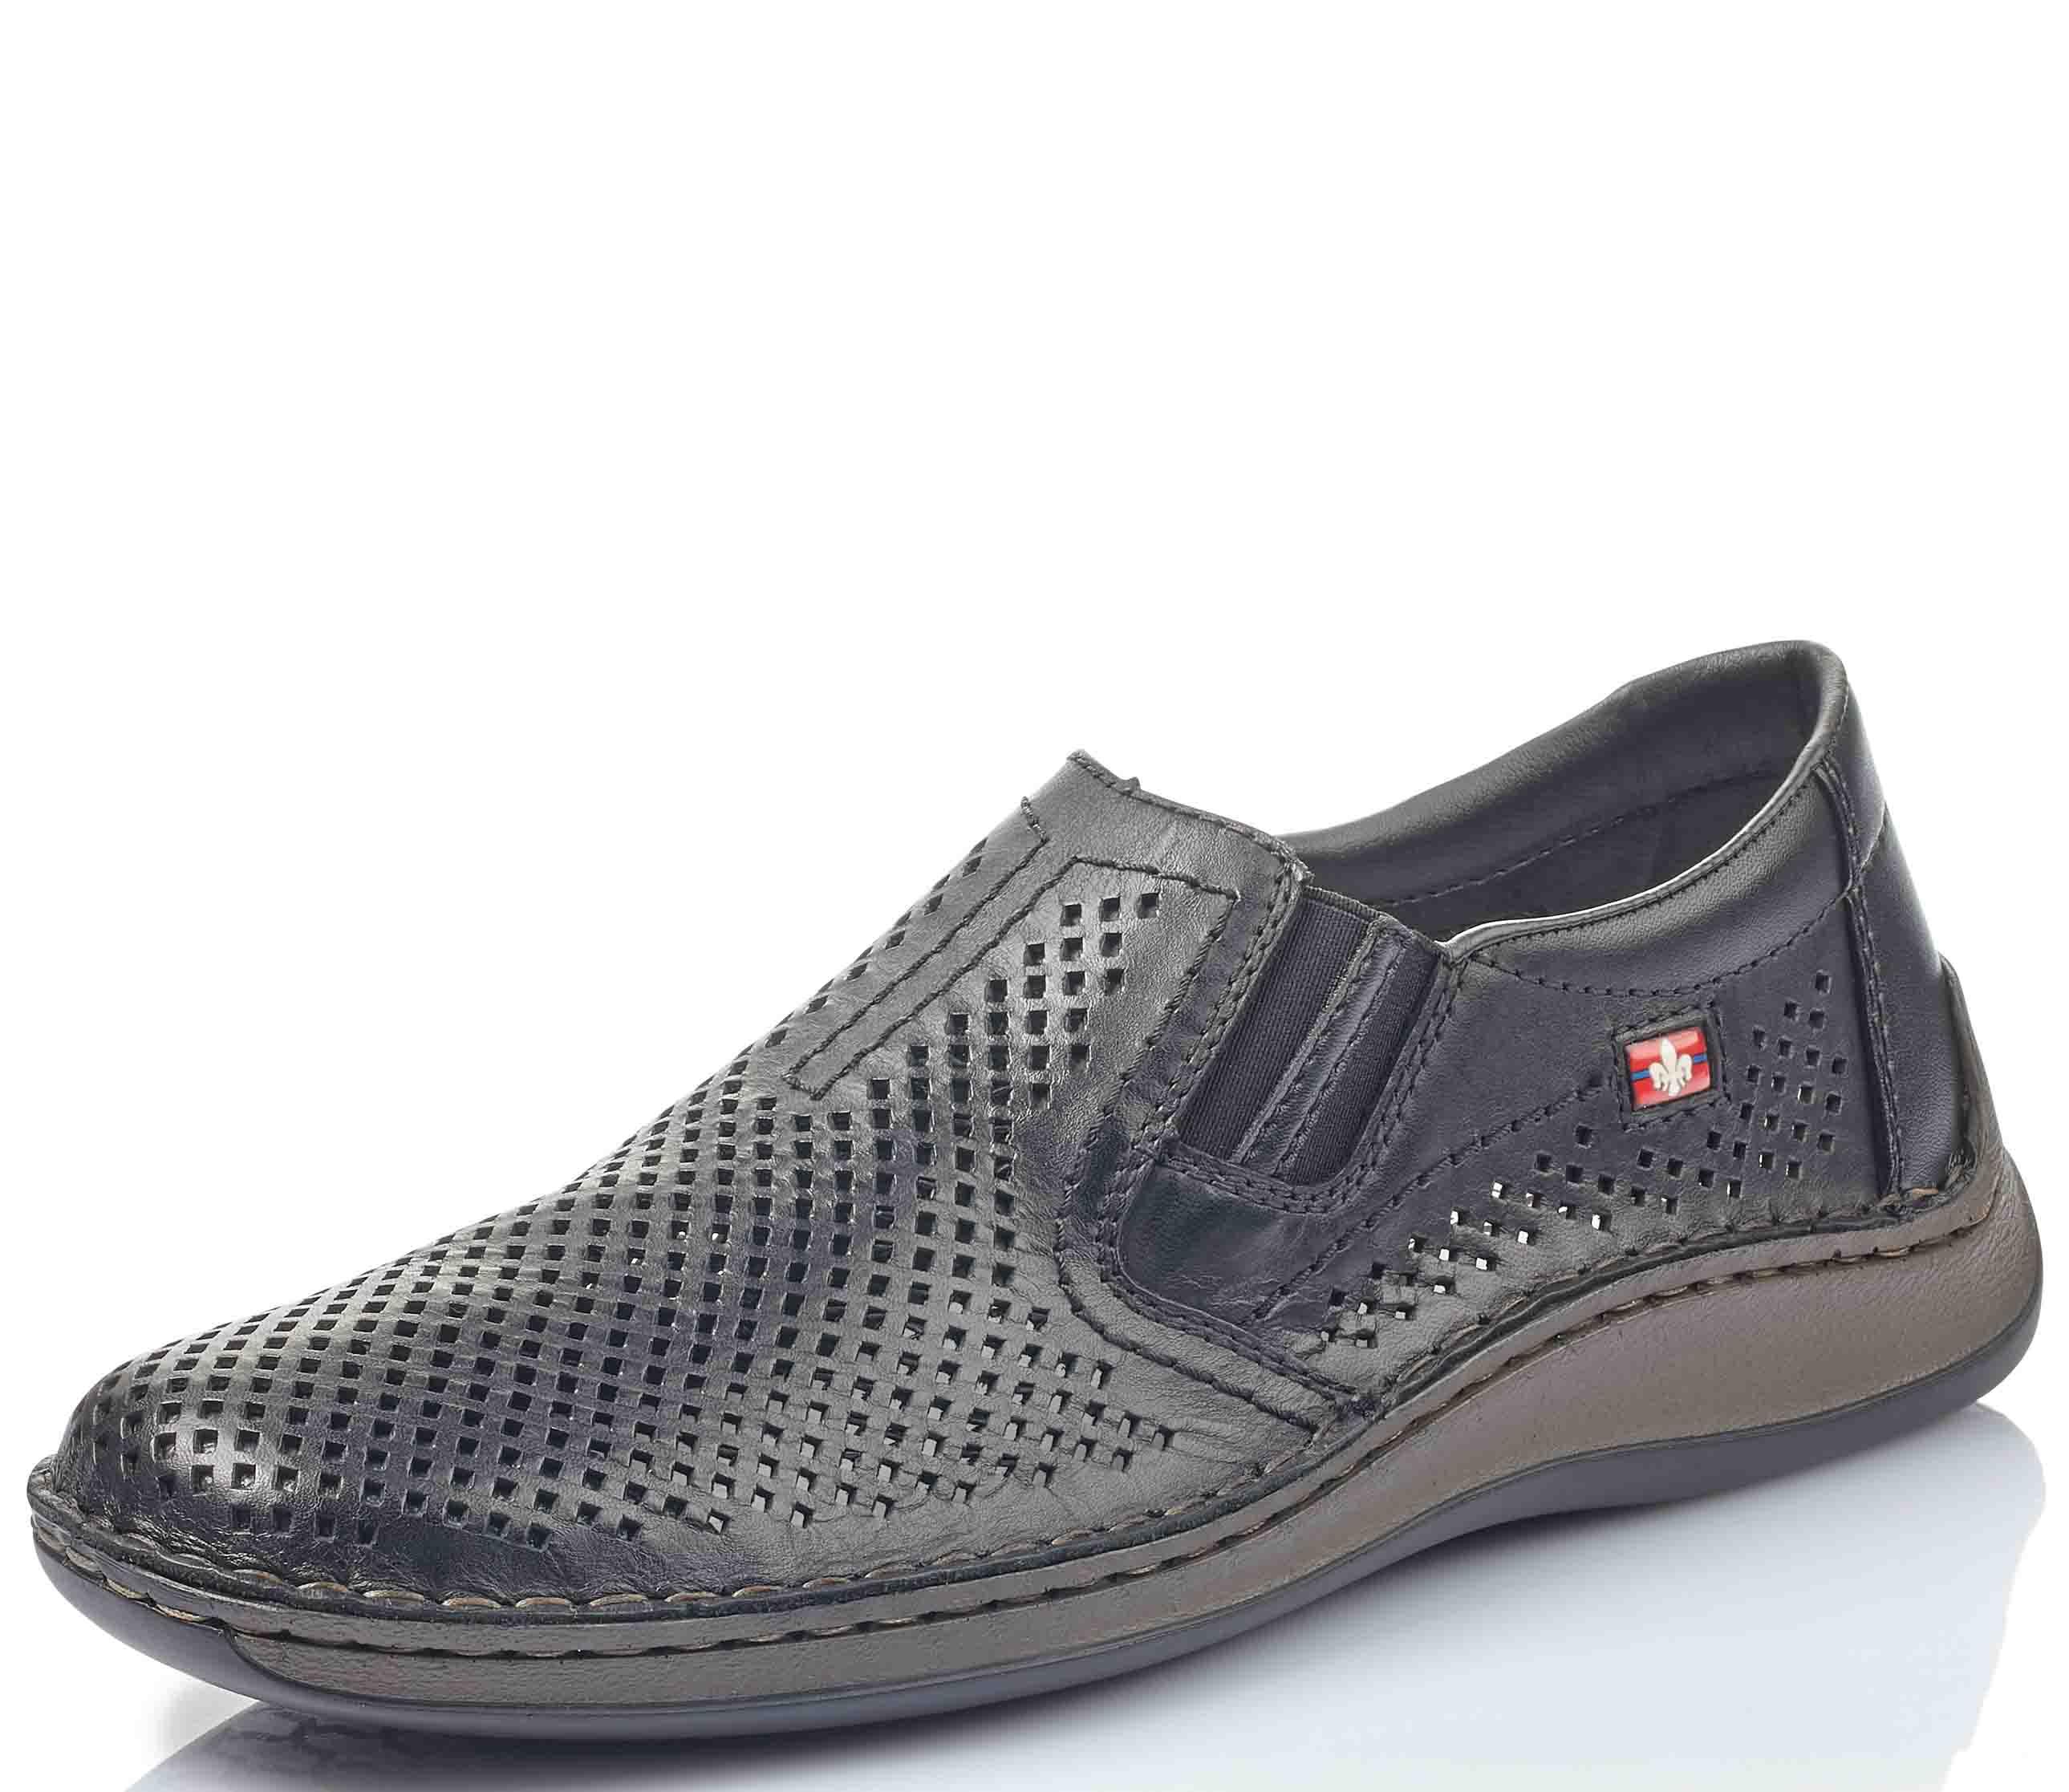 05297/00 Полуботинки мужские Rieker|Повседневная обувь|   | АлиЭкспресс